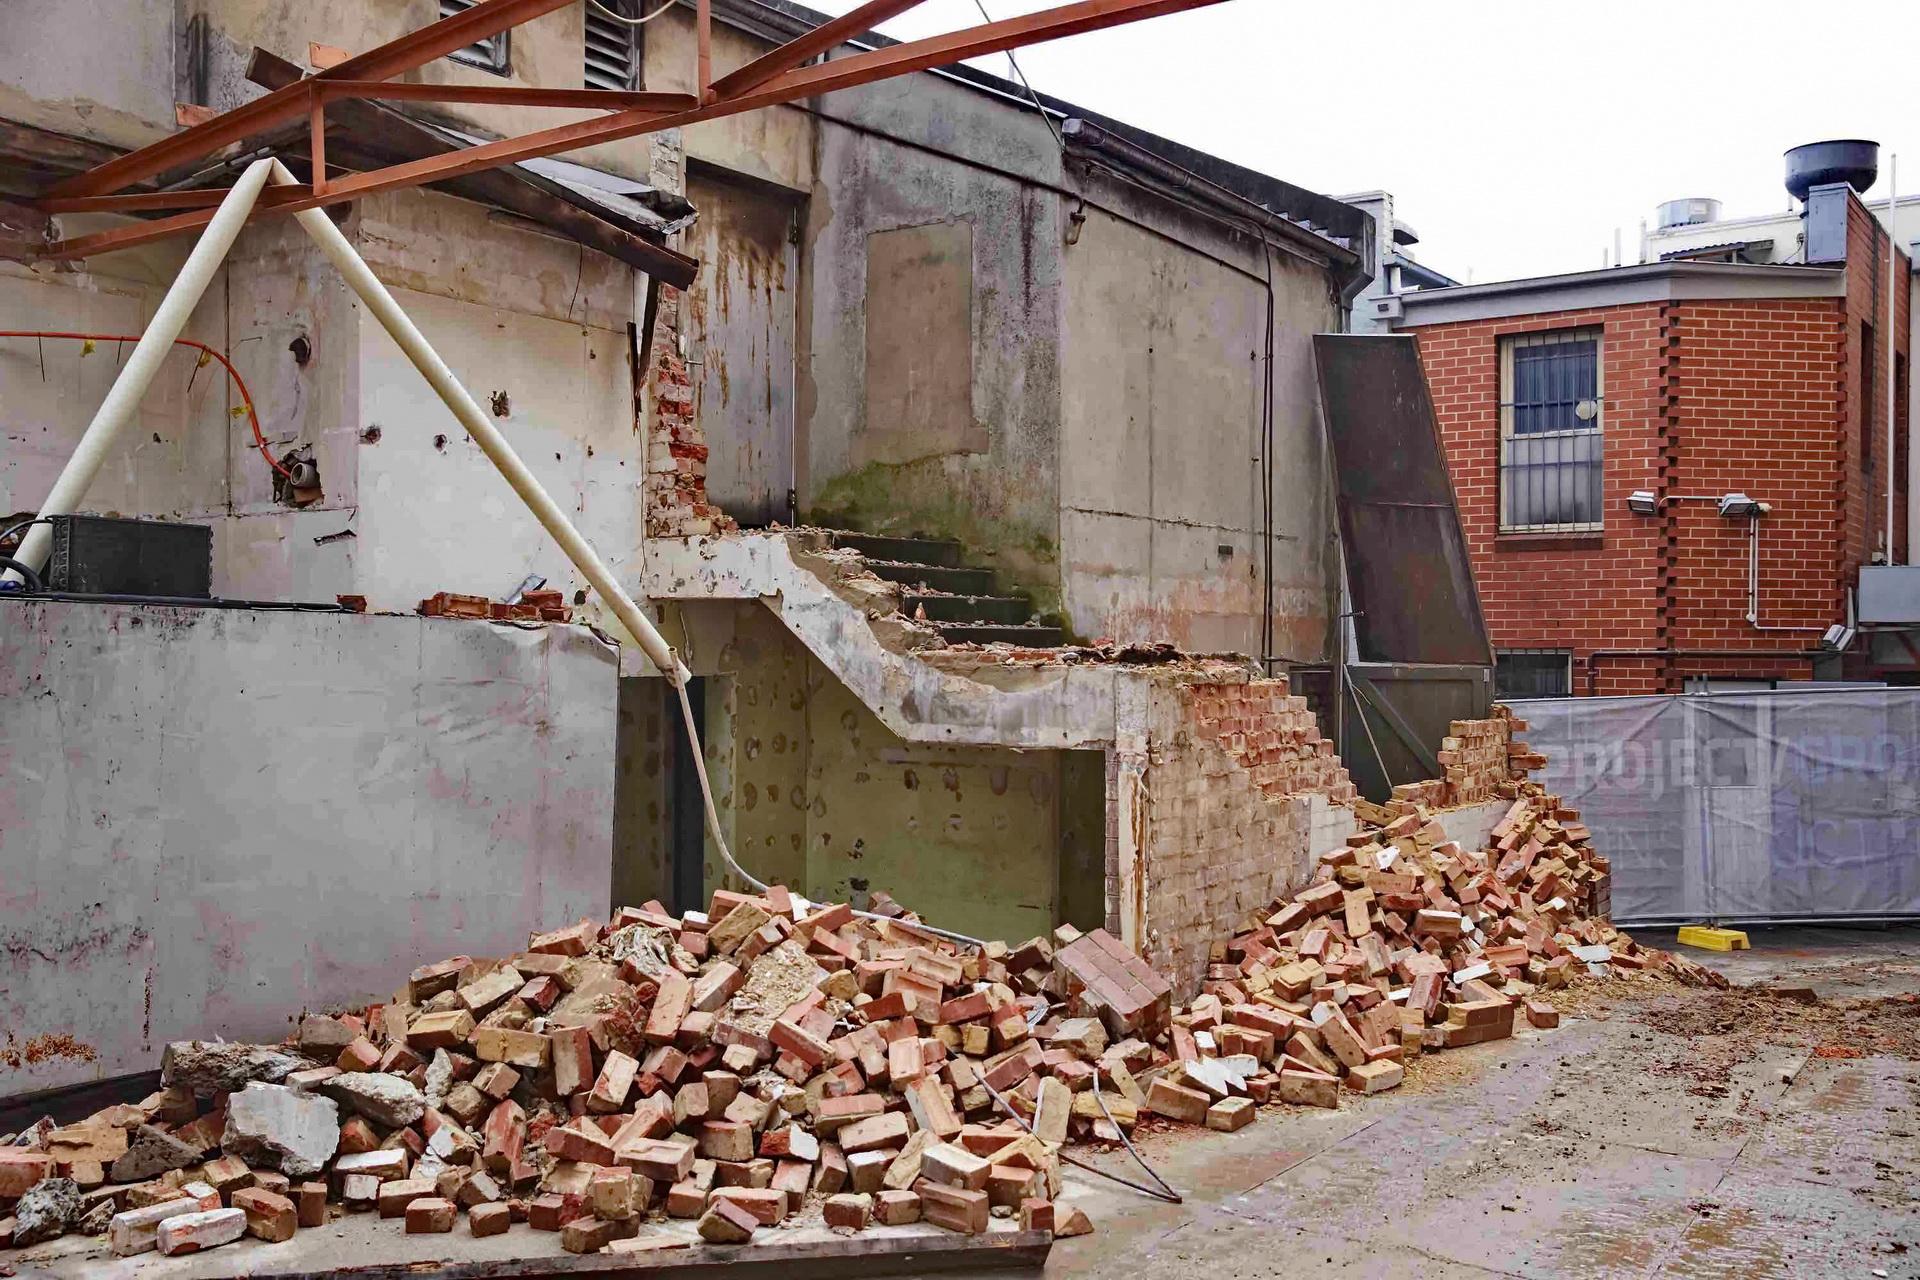 Rušenje zida u stanu i odnošenje šuta Beograd